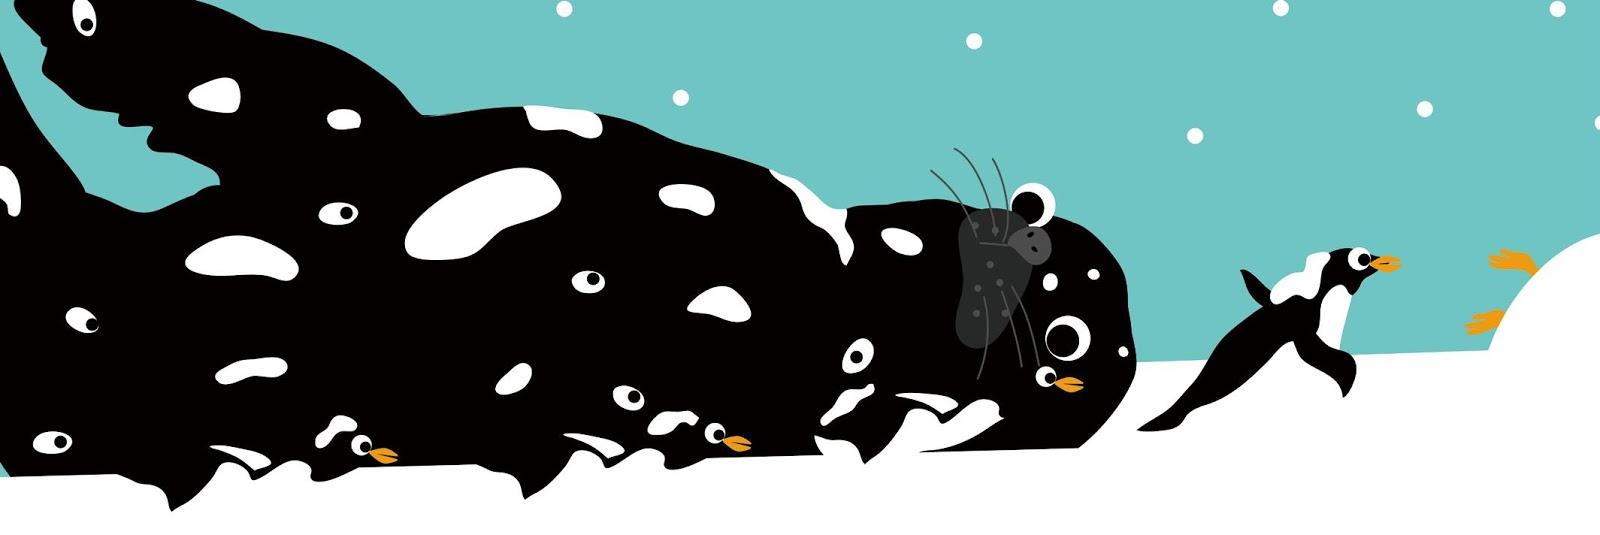 [繪本] 펭귄 랄랄라企鵝拉拉拉--구신애   POHÁDkaka